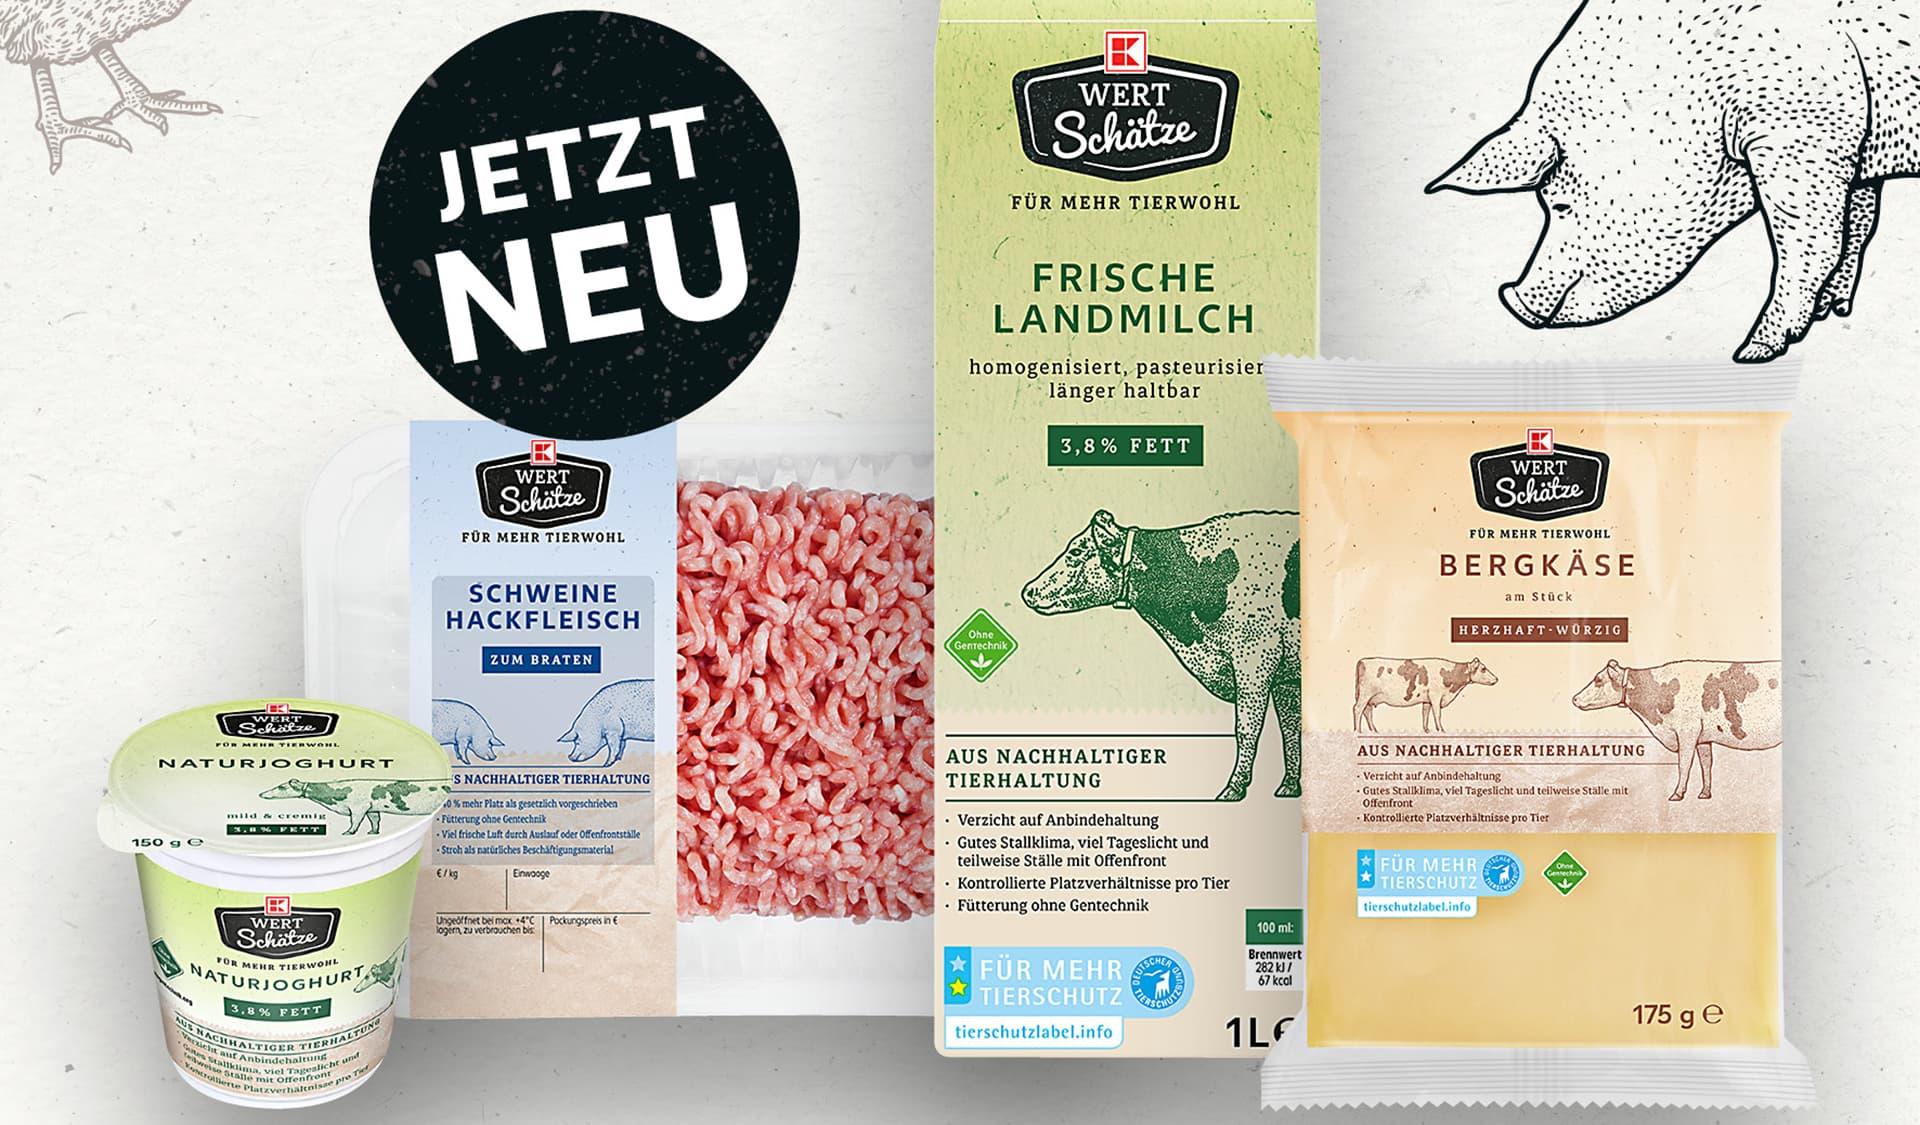 Joghurt, Hackfleisch, Milch, Kaese der Marke K-Wertschätze